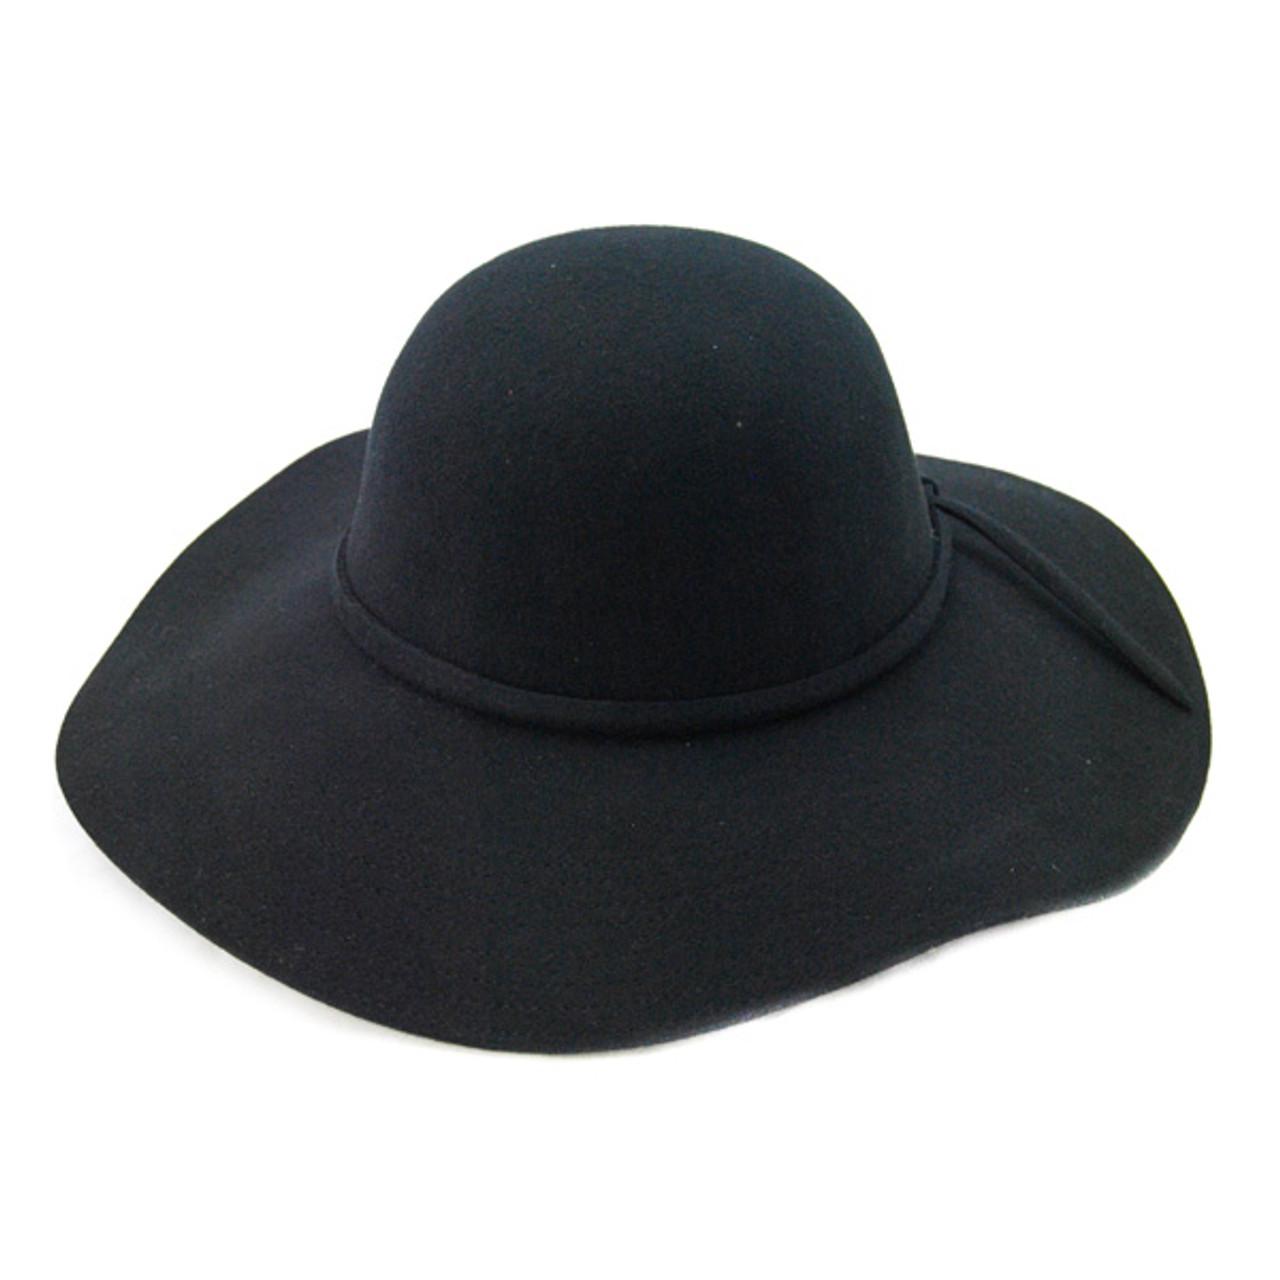 California Flamingo Adult Cowboy Hat Natural JTRVW Cowboy Hats